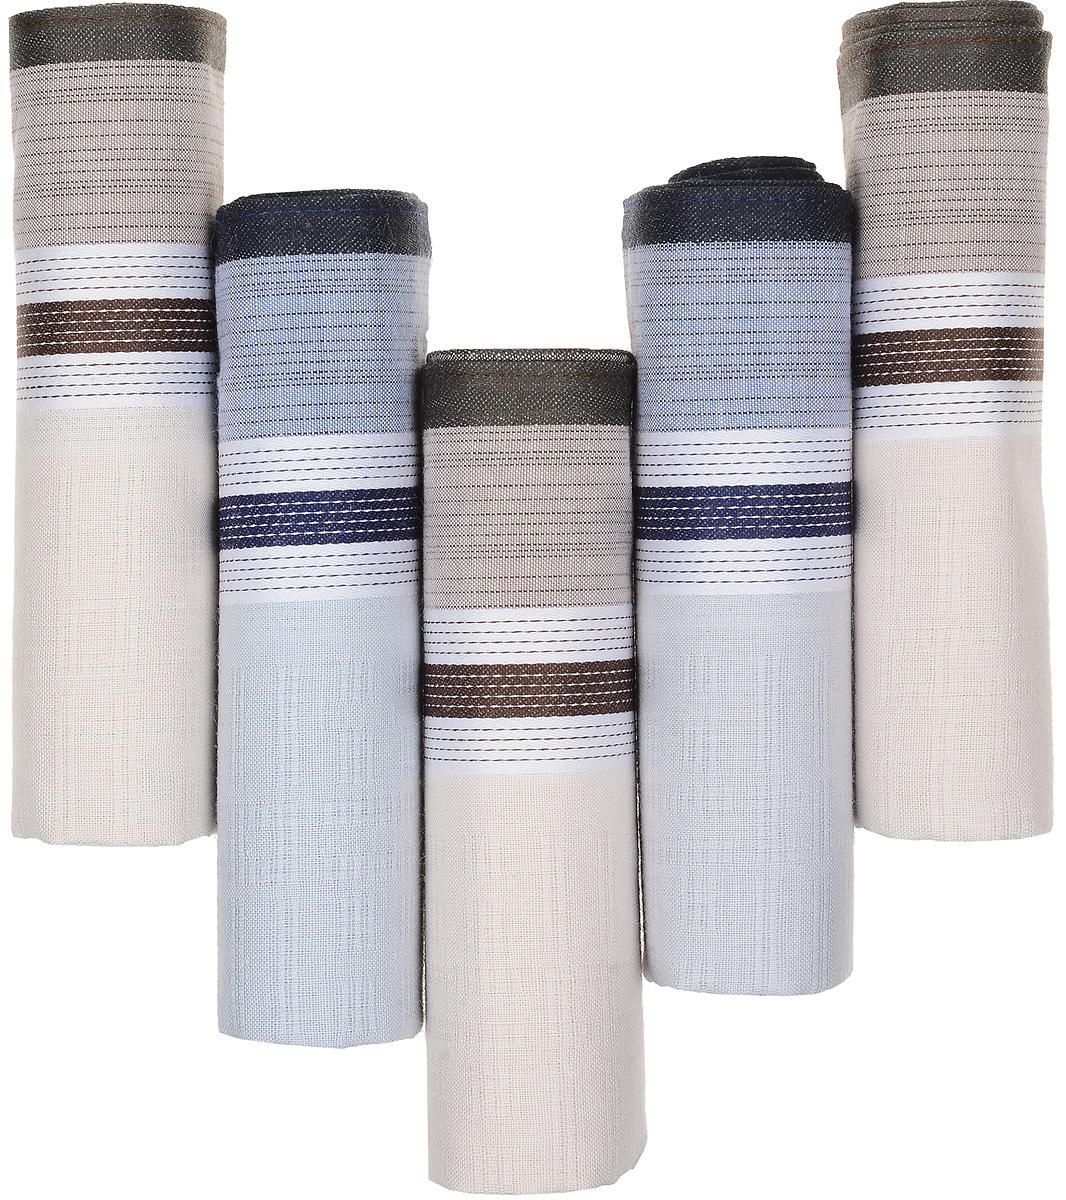 Платок носовой мужской Zlata Korunka, цвет: коричневый, голубой, бежевый, 5 шт. 90512-10. Размер 29 см х 29 смСерьги с подвескамиОригинальный мужской носовой платок Zlata Korunka изготовлен из высококачественного натурального хлопка, благодаря чему приятен в использовании, хорошо стирается, не садится и отлично впитывает влагу. Практичный и изящный носовой платок будет незаменим в повседневной жизни любого современного человека. Такой платок послужит стильным аксессуаром и подчеркнет ваше превосходное чувство вкуса.В комплекте 5 платков.